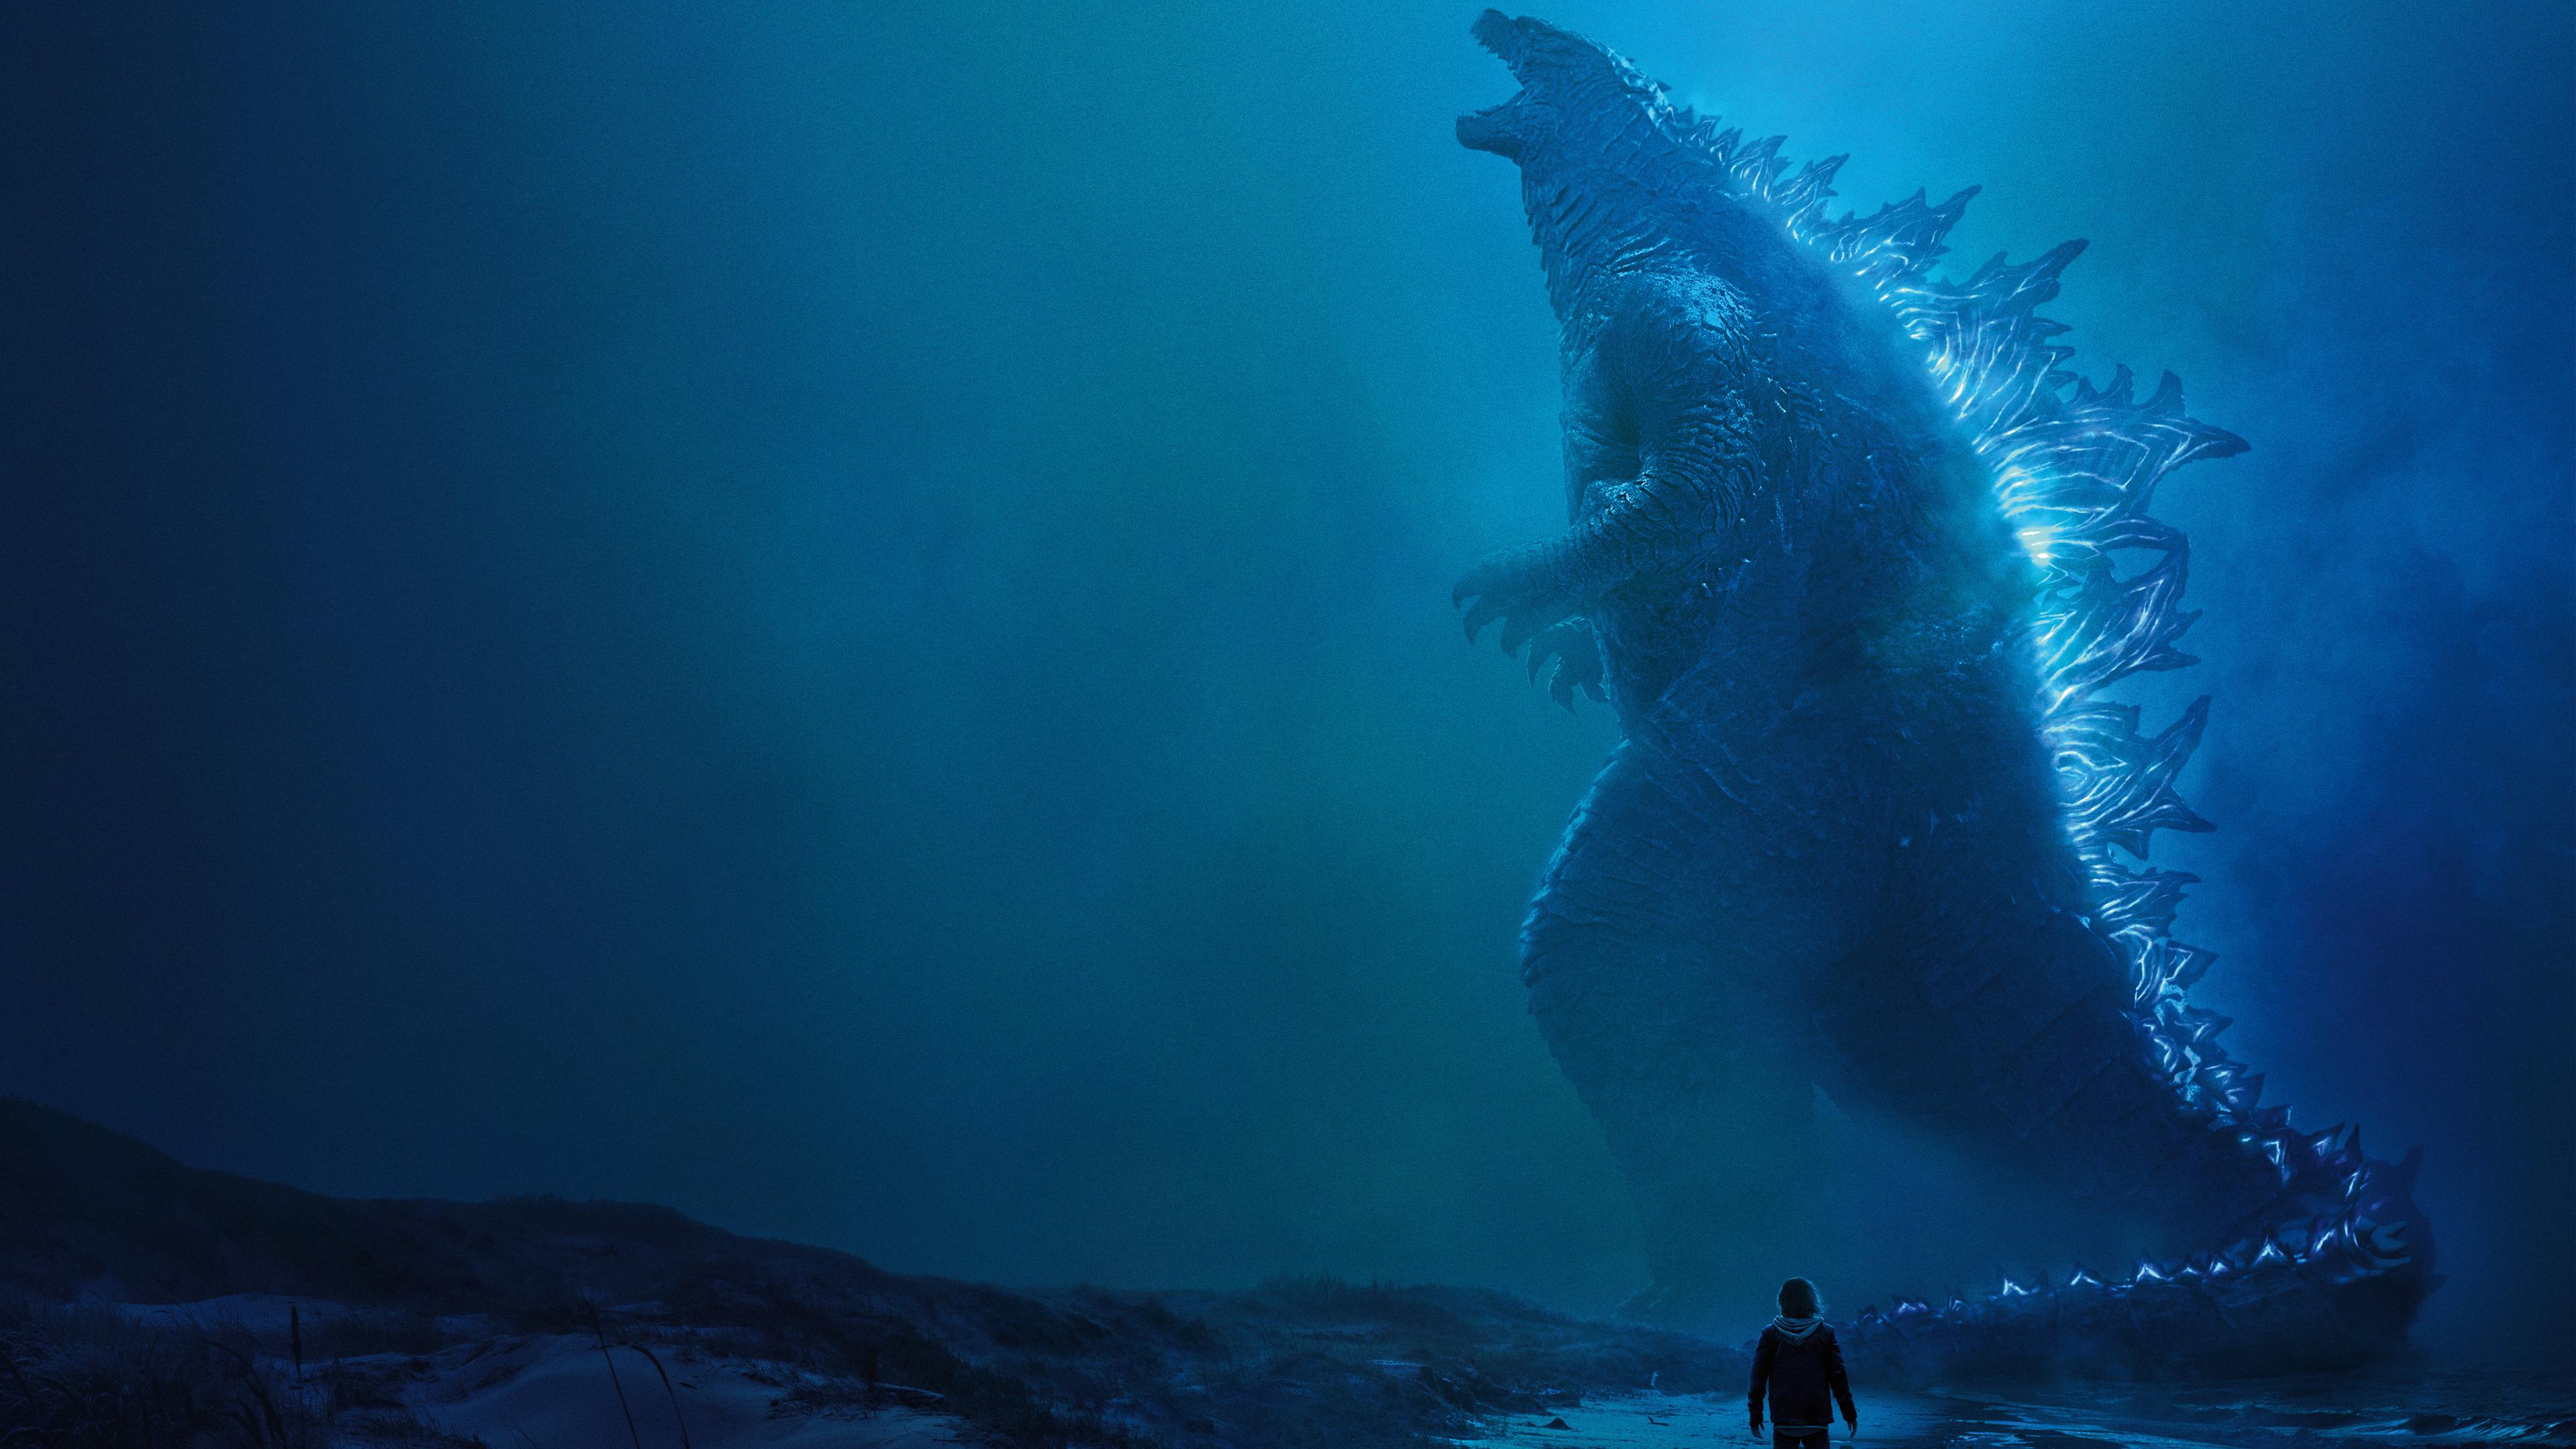 godzilla king of the monsters 4k 1558219748 - Godzilla King Of The Monsters 4k - poster wallpapers, movies wallpapers, millie bobby brown wallpapers, hd-wallpapers, godzilla king of the monsters wallpapers, 4k-wallpapers, 2019 movies wallpapers